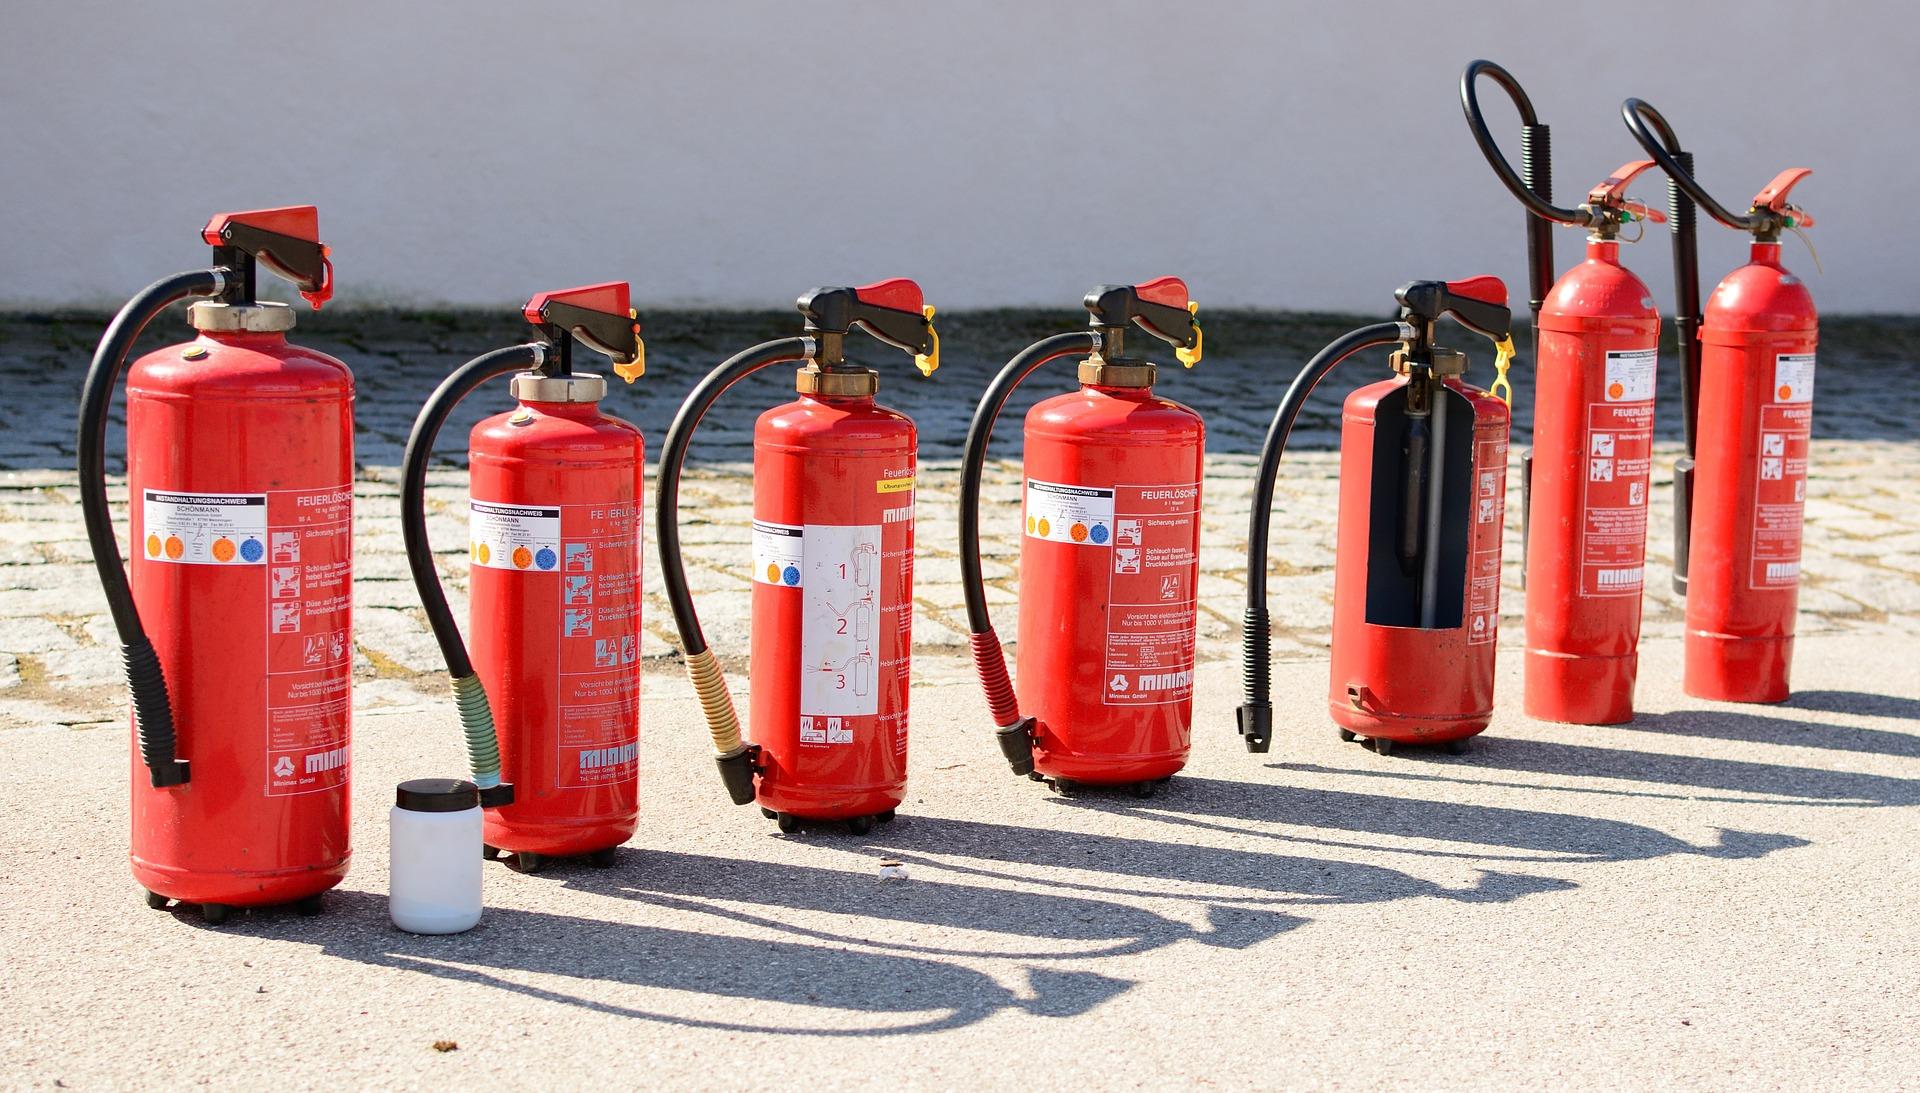 D.M. 20 dicembre 2012 – Il manuale di uso e manutenzione per impianti di protezione attiva contro l'incendio